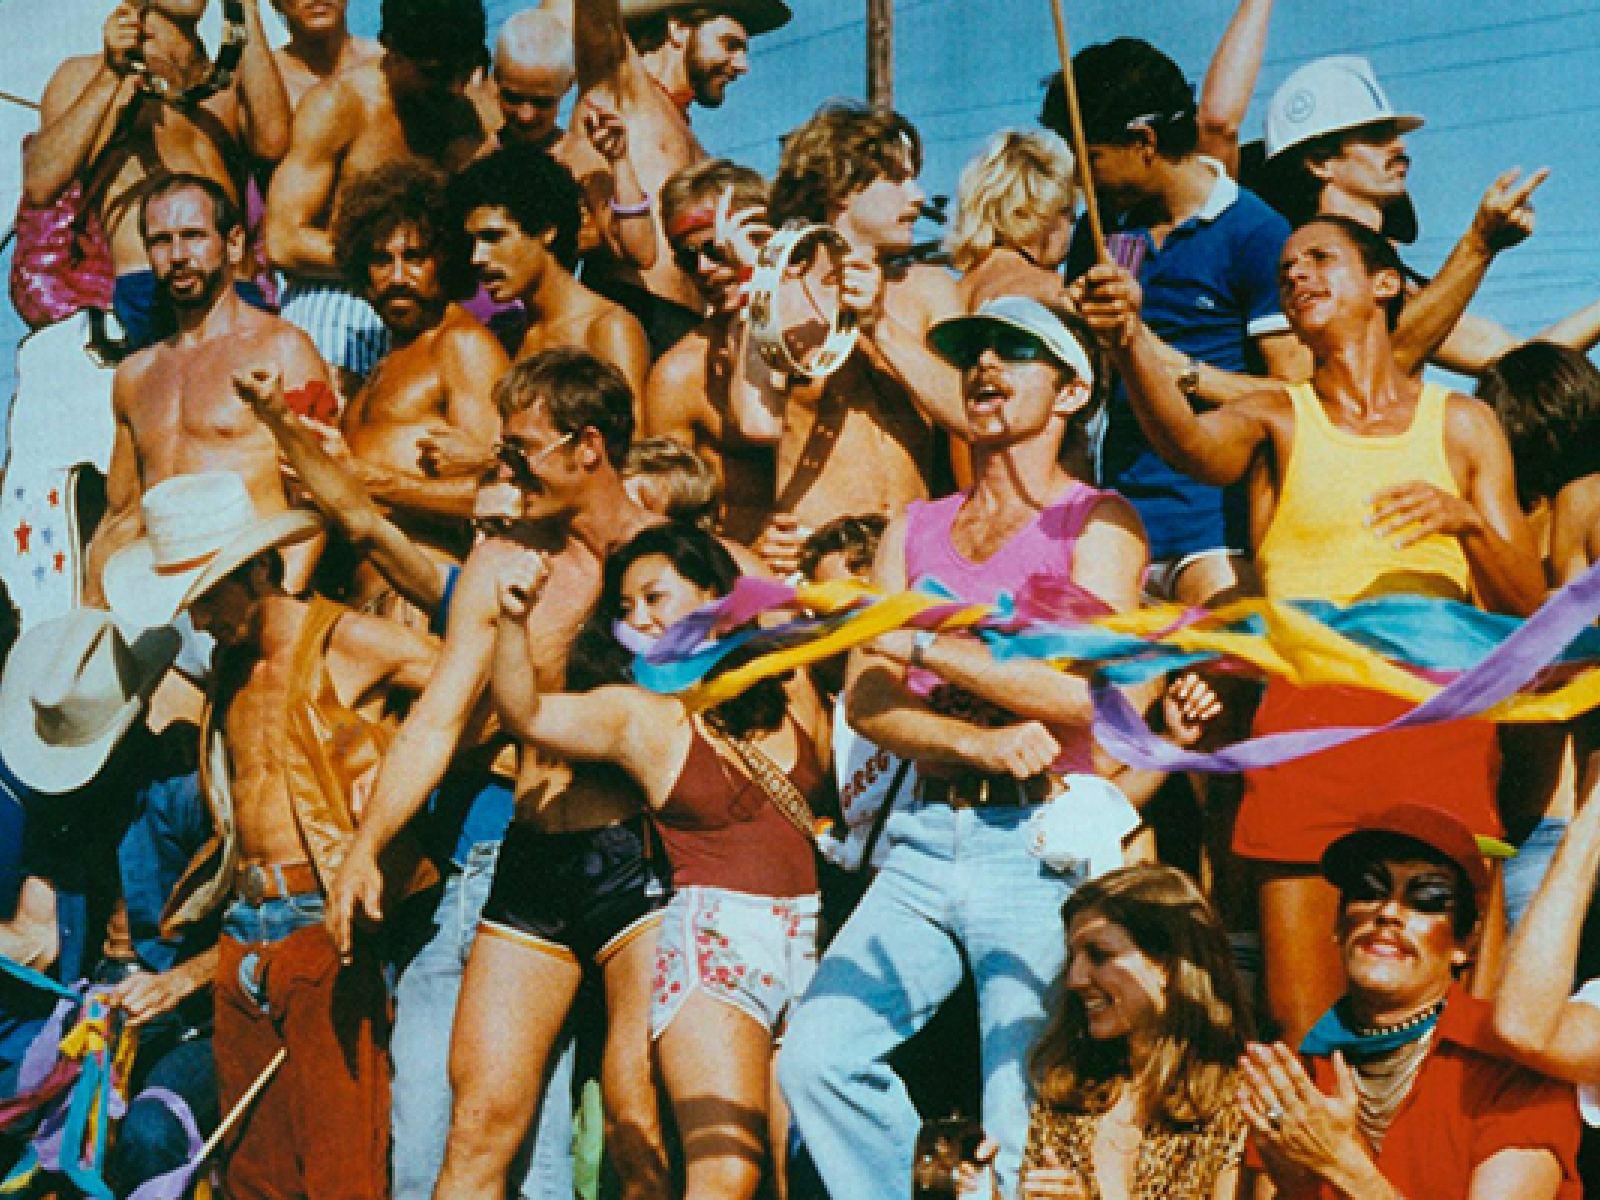 LA Pride 1980